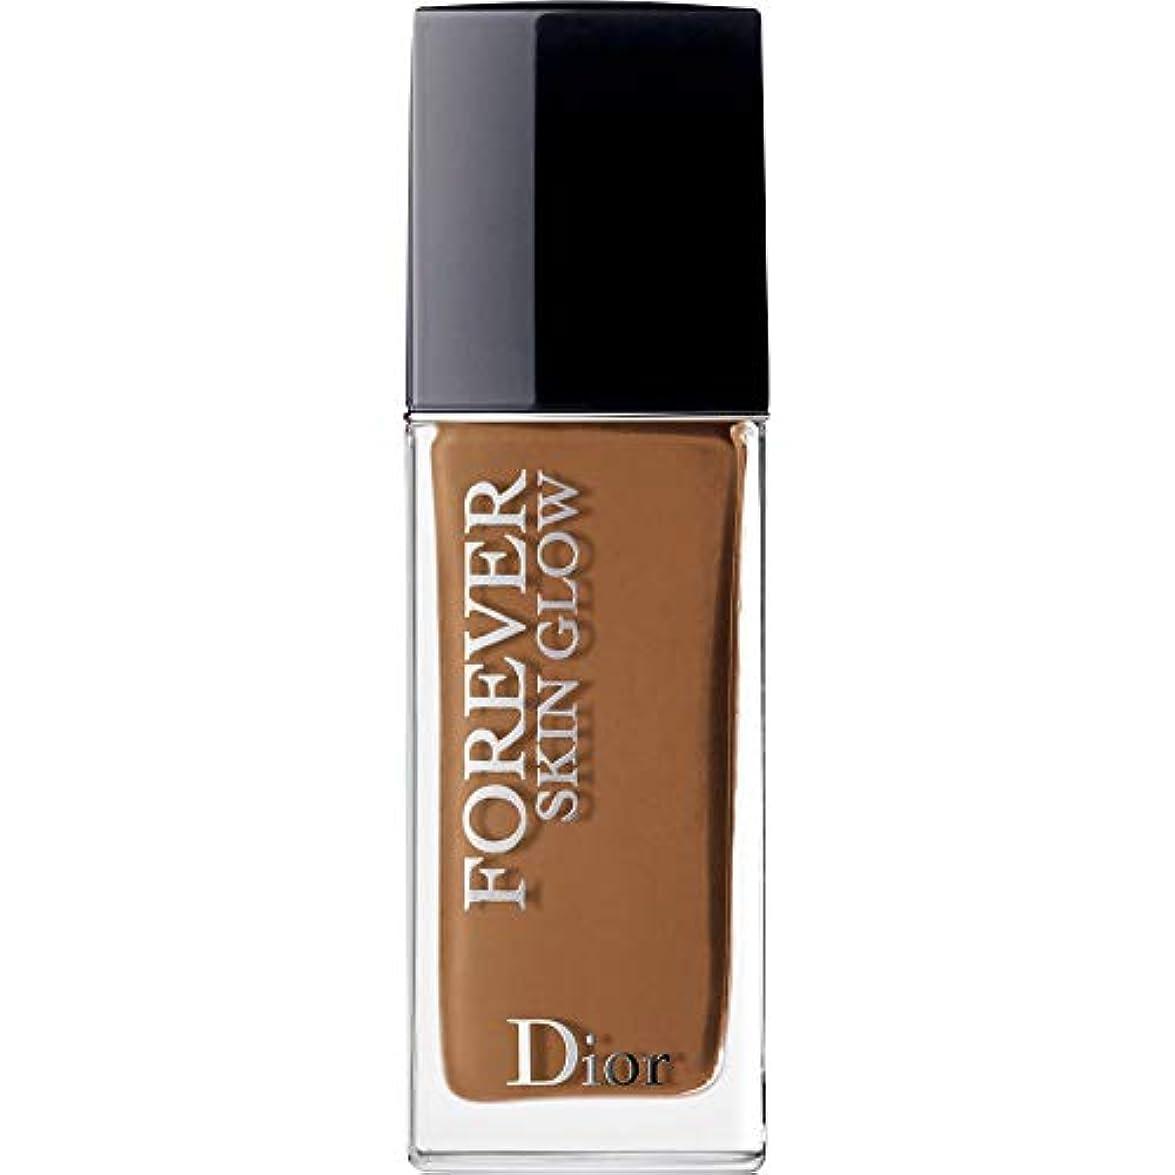 妖精スキニー落花生[Dior ] ディオール永遠に皮膚グロー皮膚思いやりの基礎Spf35 30ミリリットルの7N - ニュートラル(肌の輝き) - DIOR Forever Skin Glow Skin-Caring Foundation...